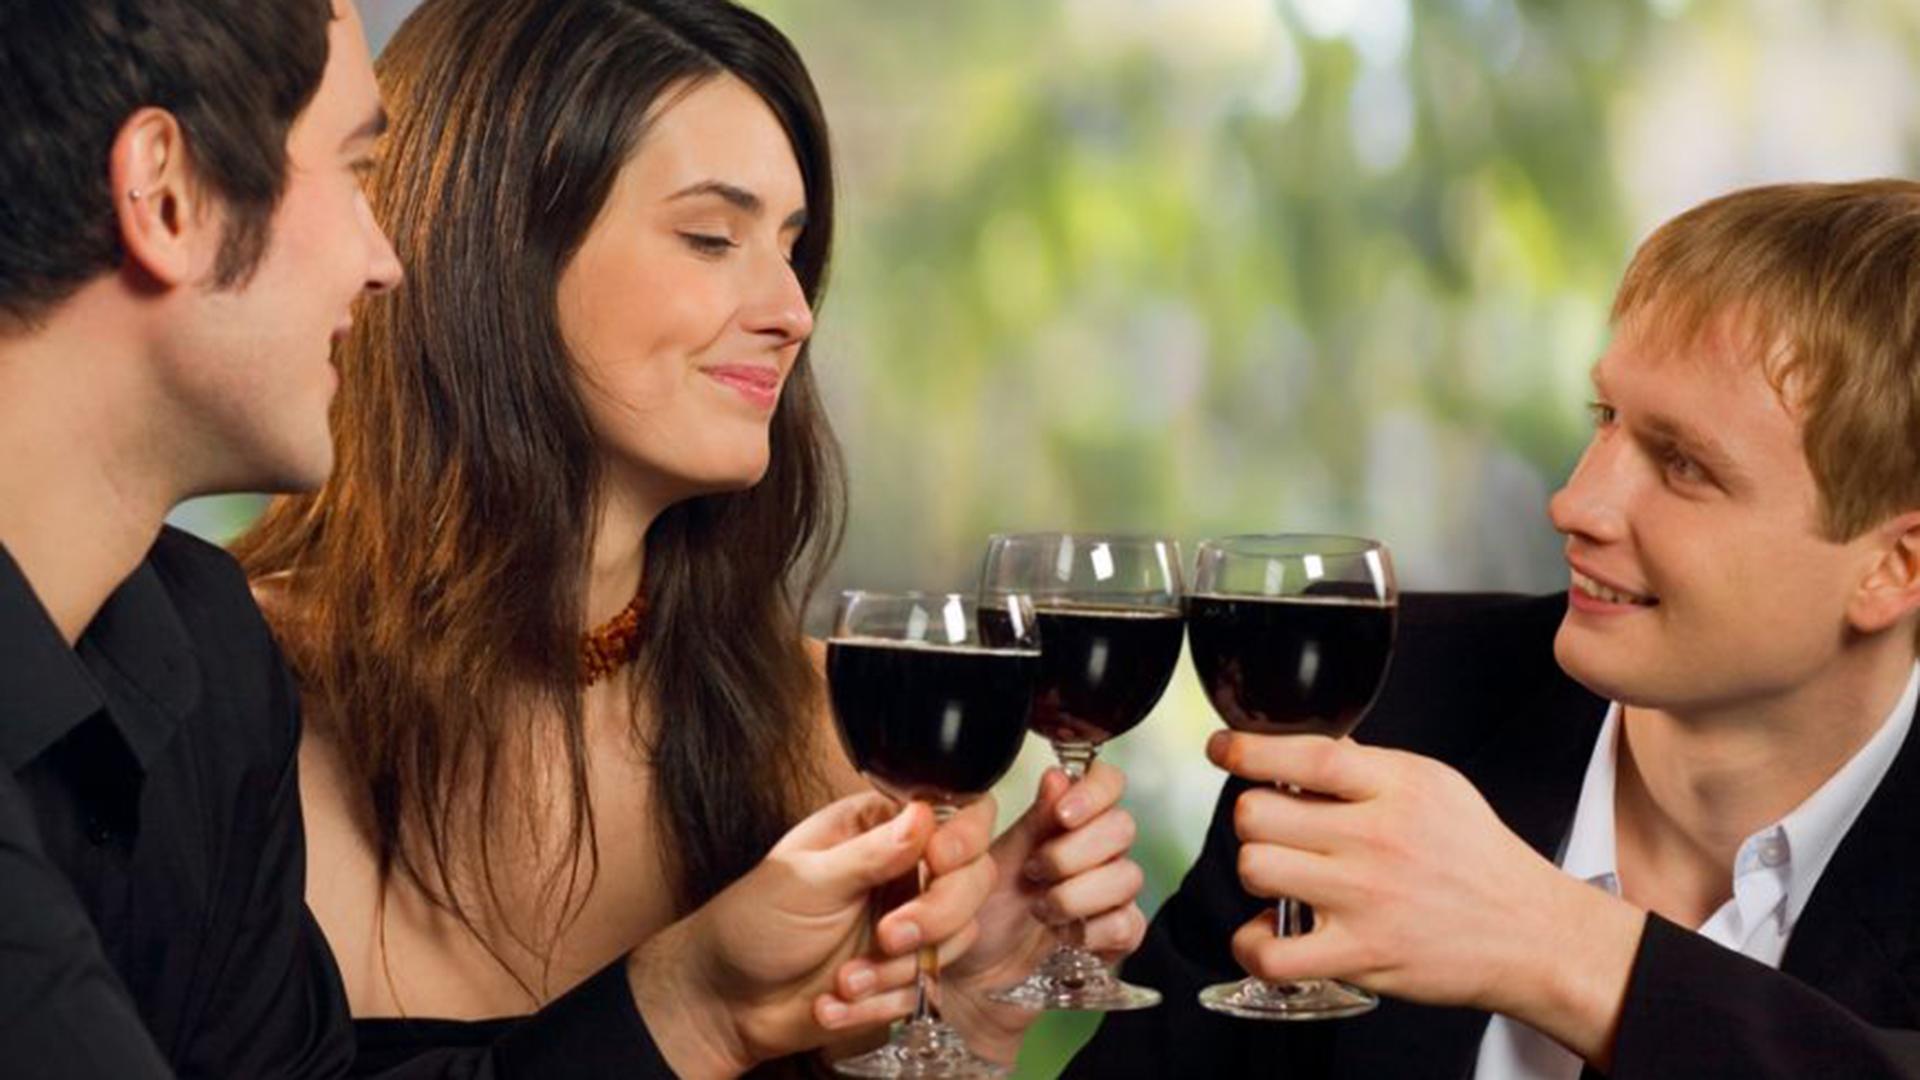 Ce trebuie sa stii despre bunele maniere la nunta